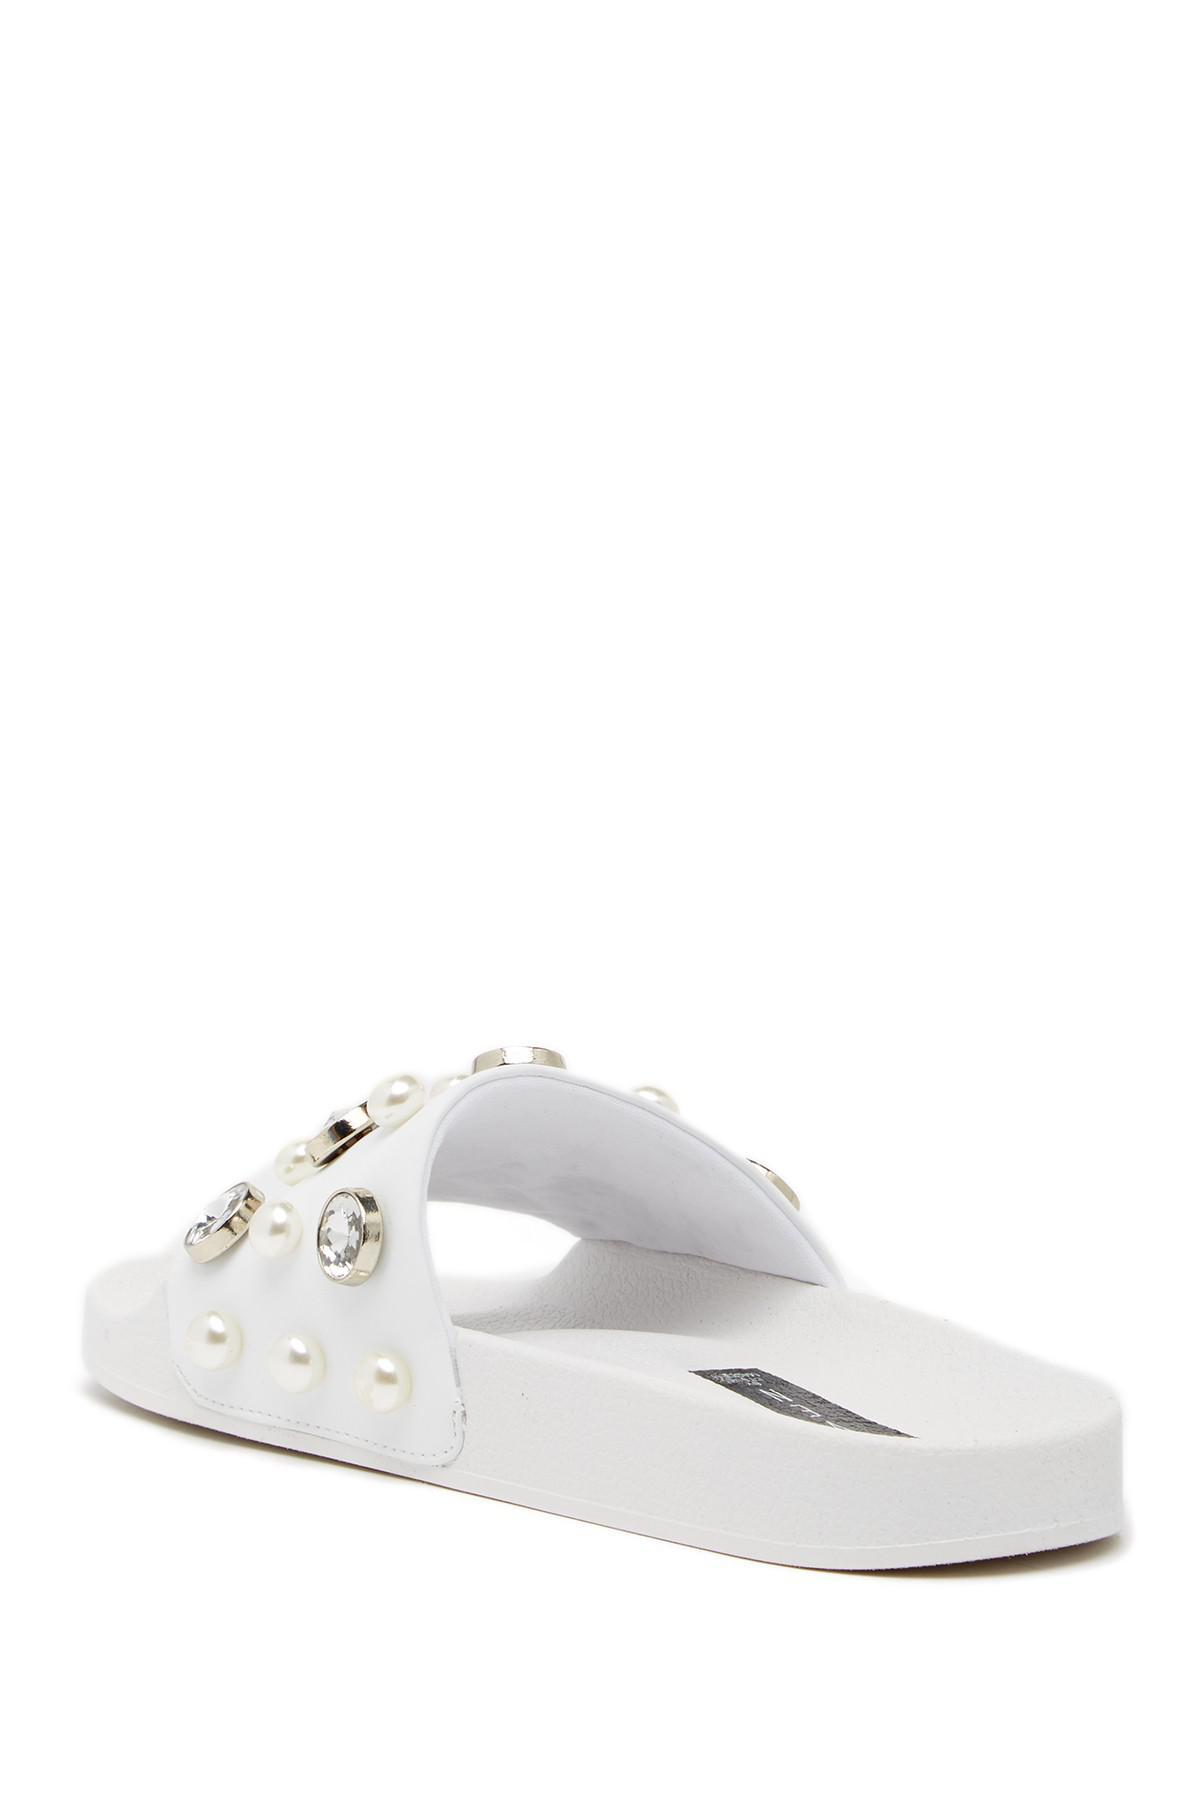 c4444f8db49 Lyst - Steven by Steve Madden Sahil Embellished Slide Sandal in White